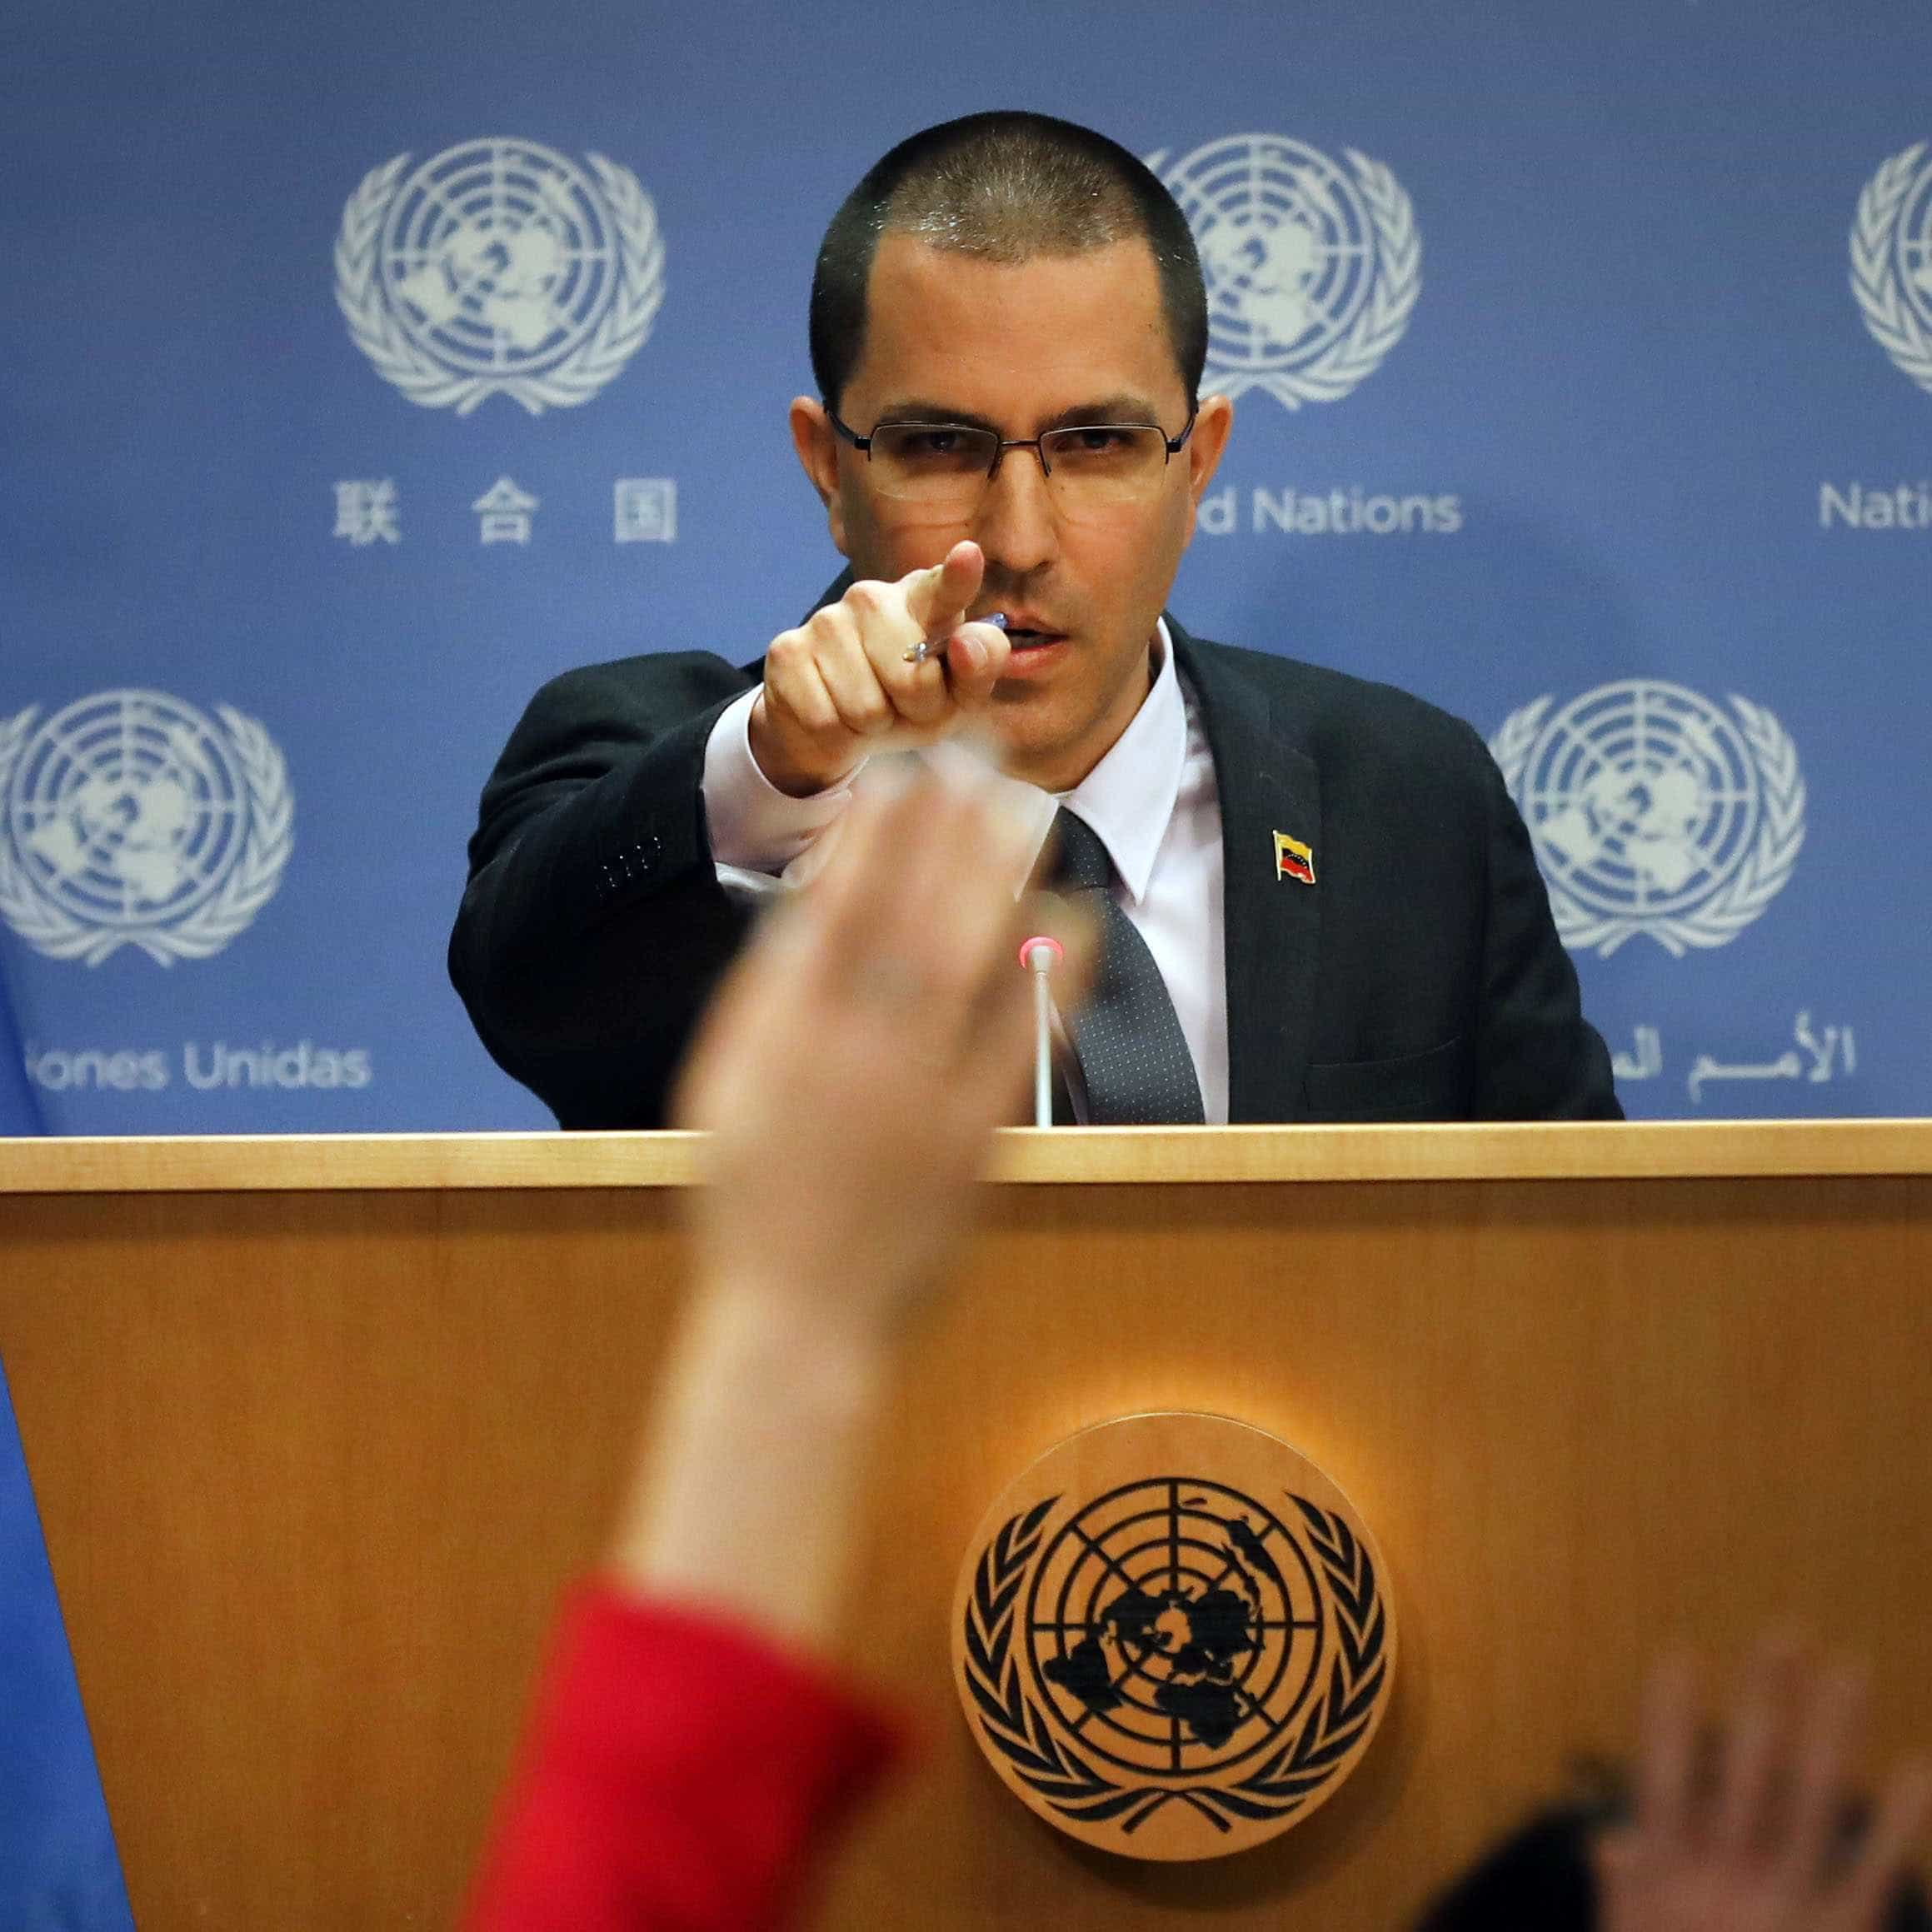 Chanceler da Venezuela acusa EUA de 'fabricar pretexto para guerra'